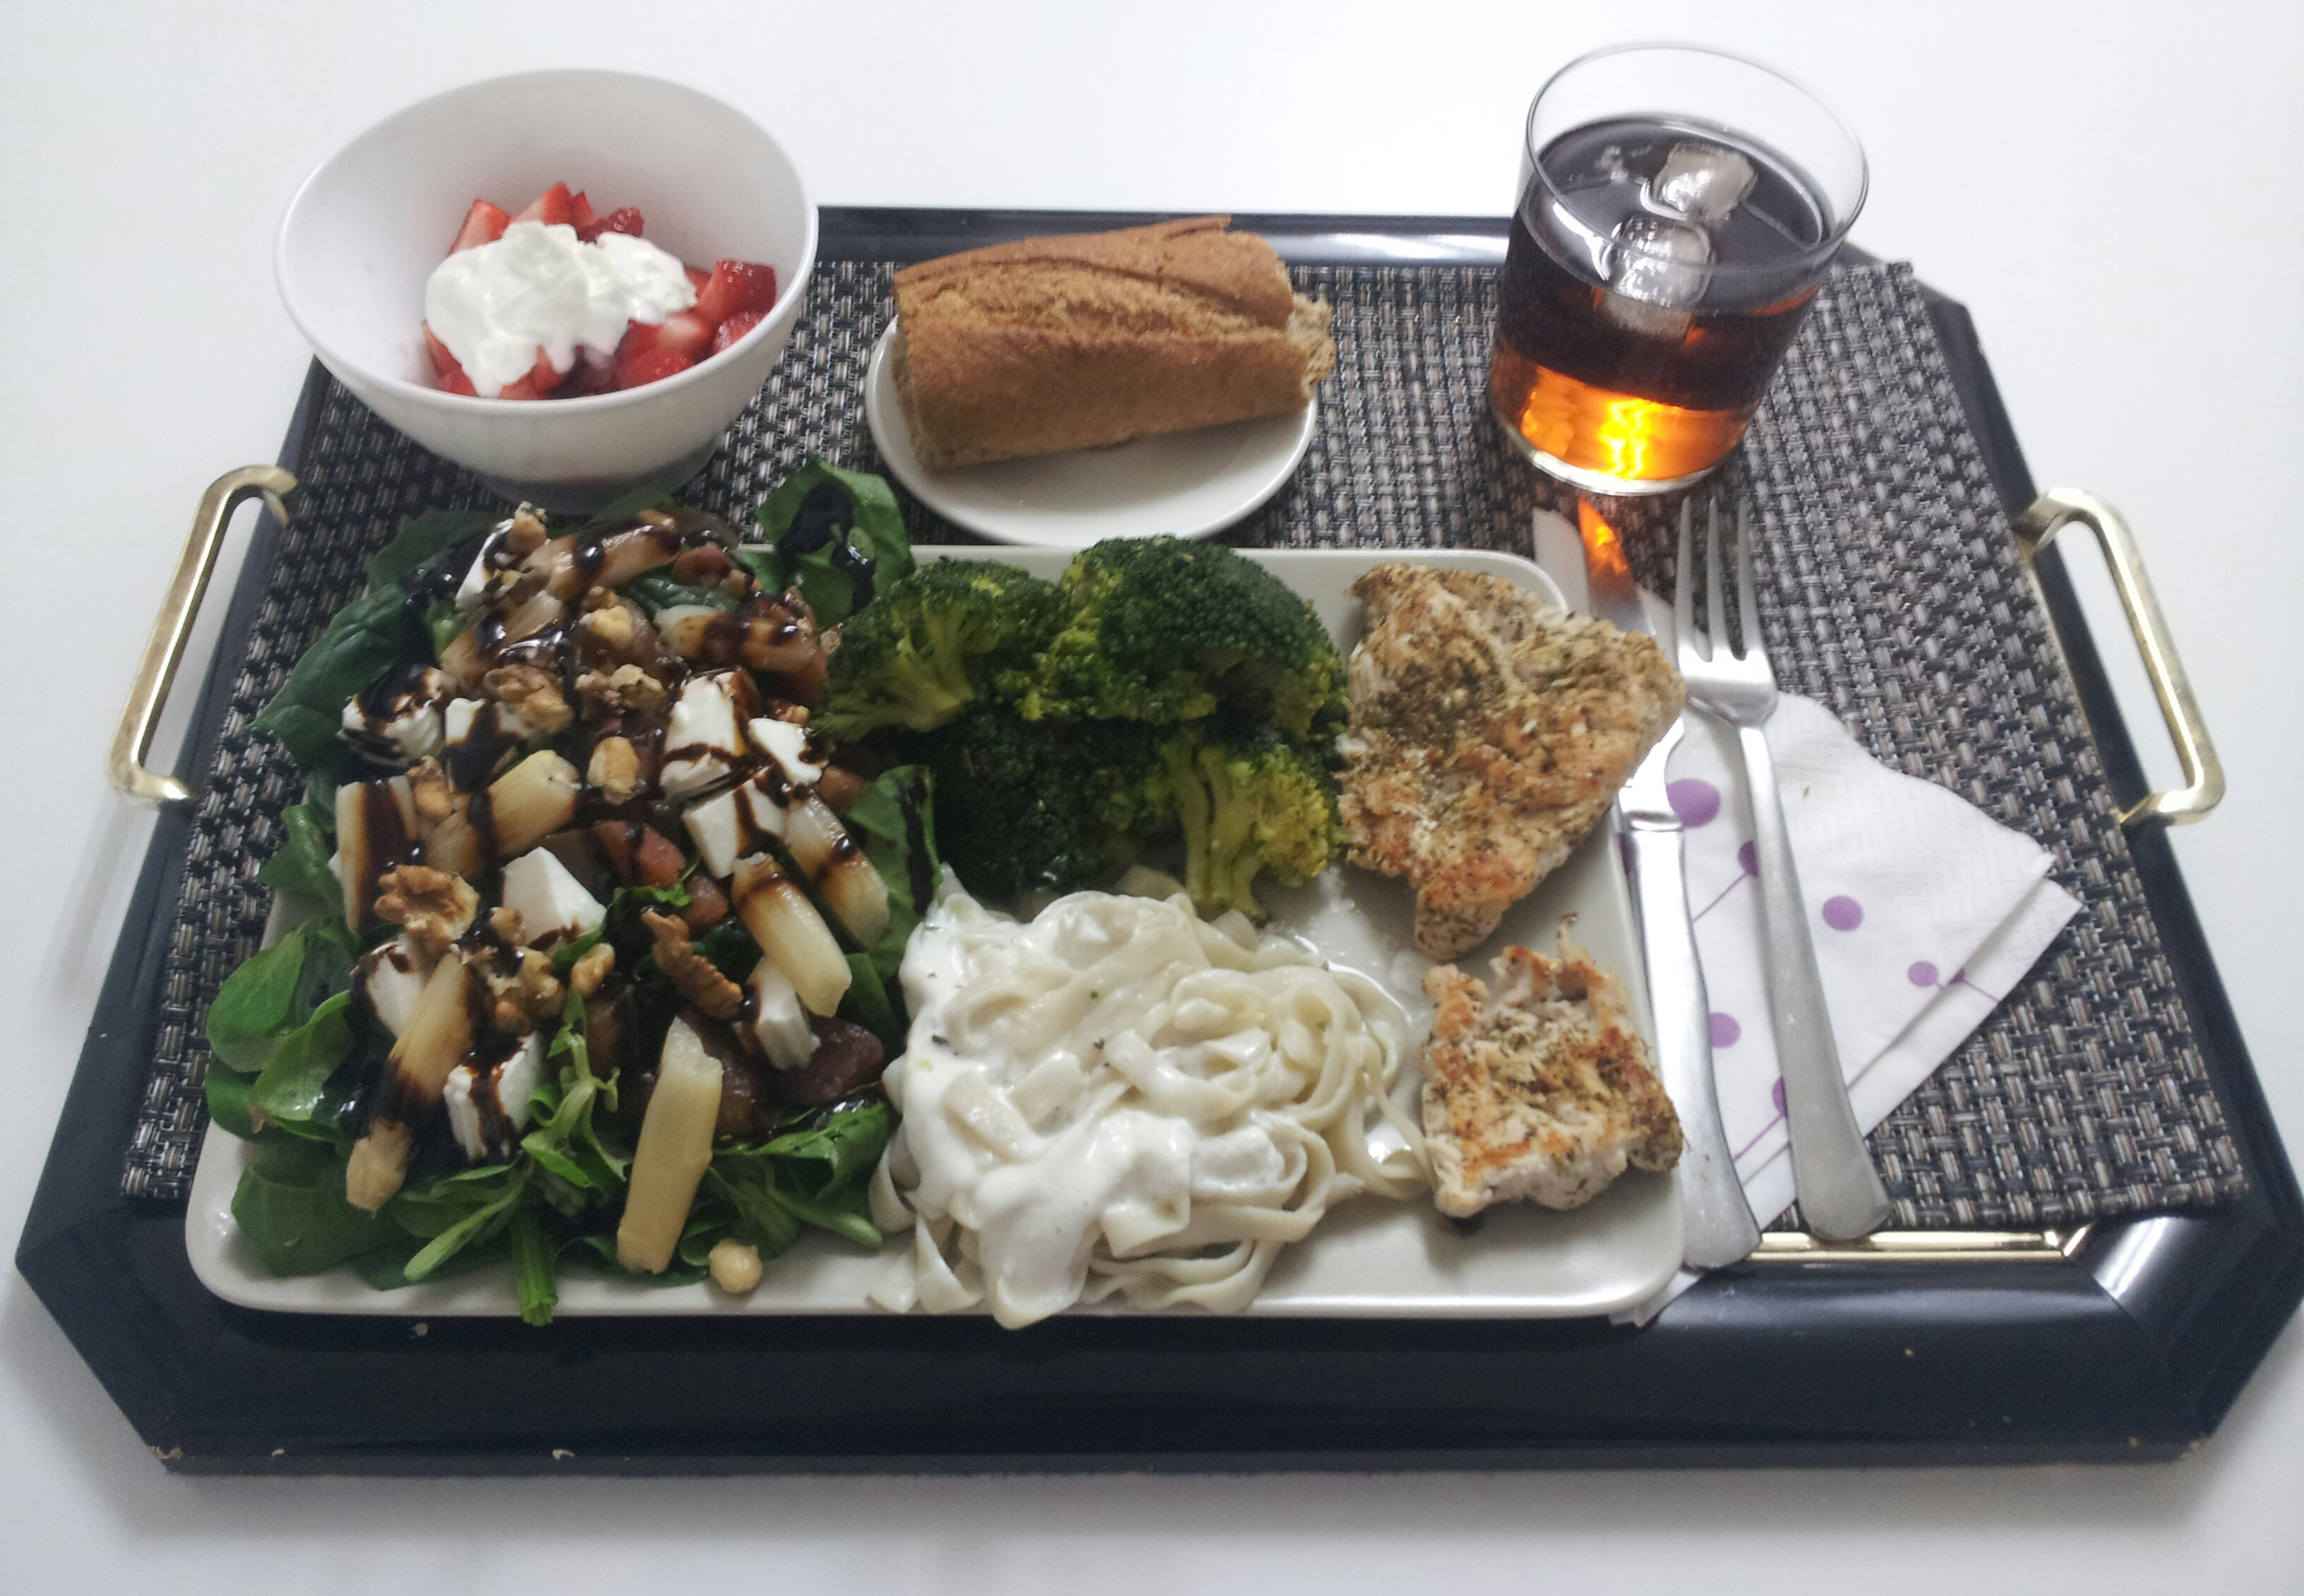 comida sana, comida saludable, recetas saludables, ensalada, brócoli, tallarimis, pechuga de pavo y fresas